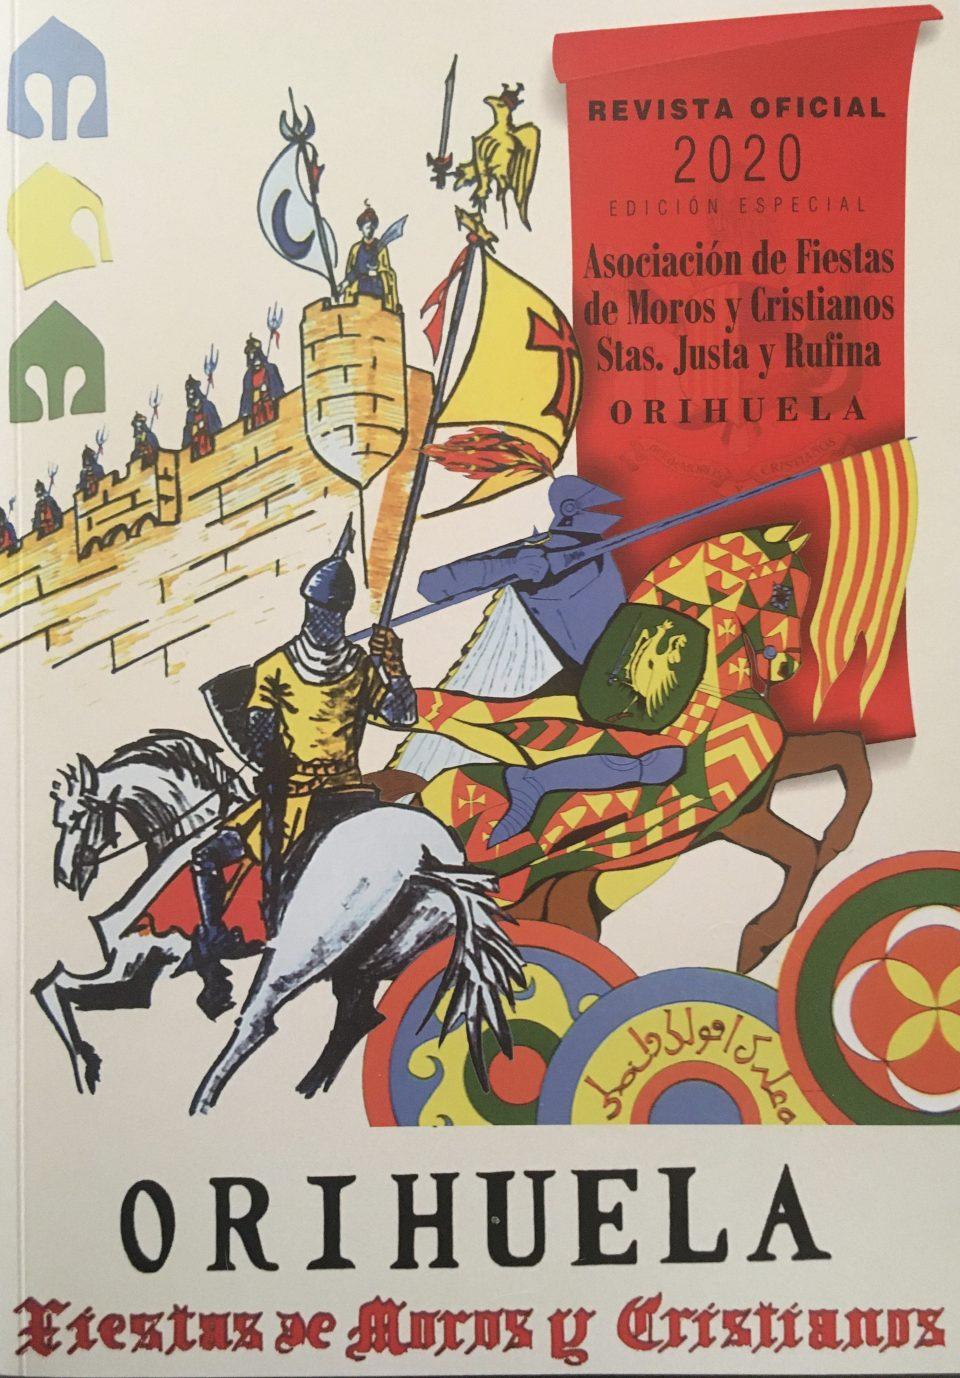 Los Moros y Cristianos de Orihuela cuentan con una edición especial de su Revista Oficial 6